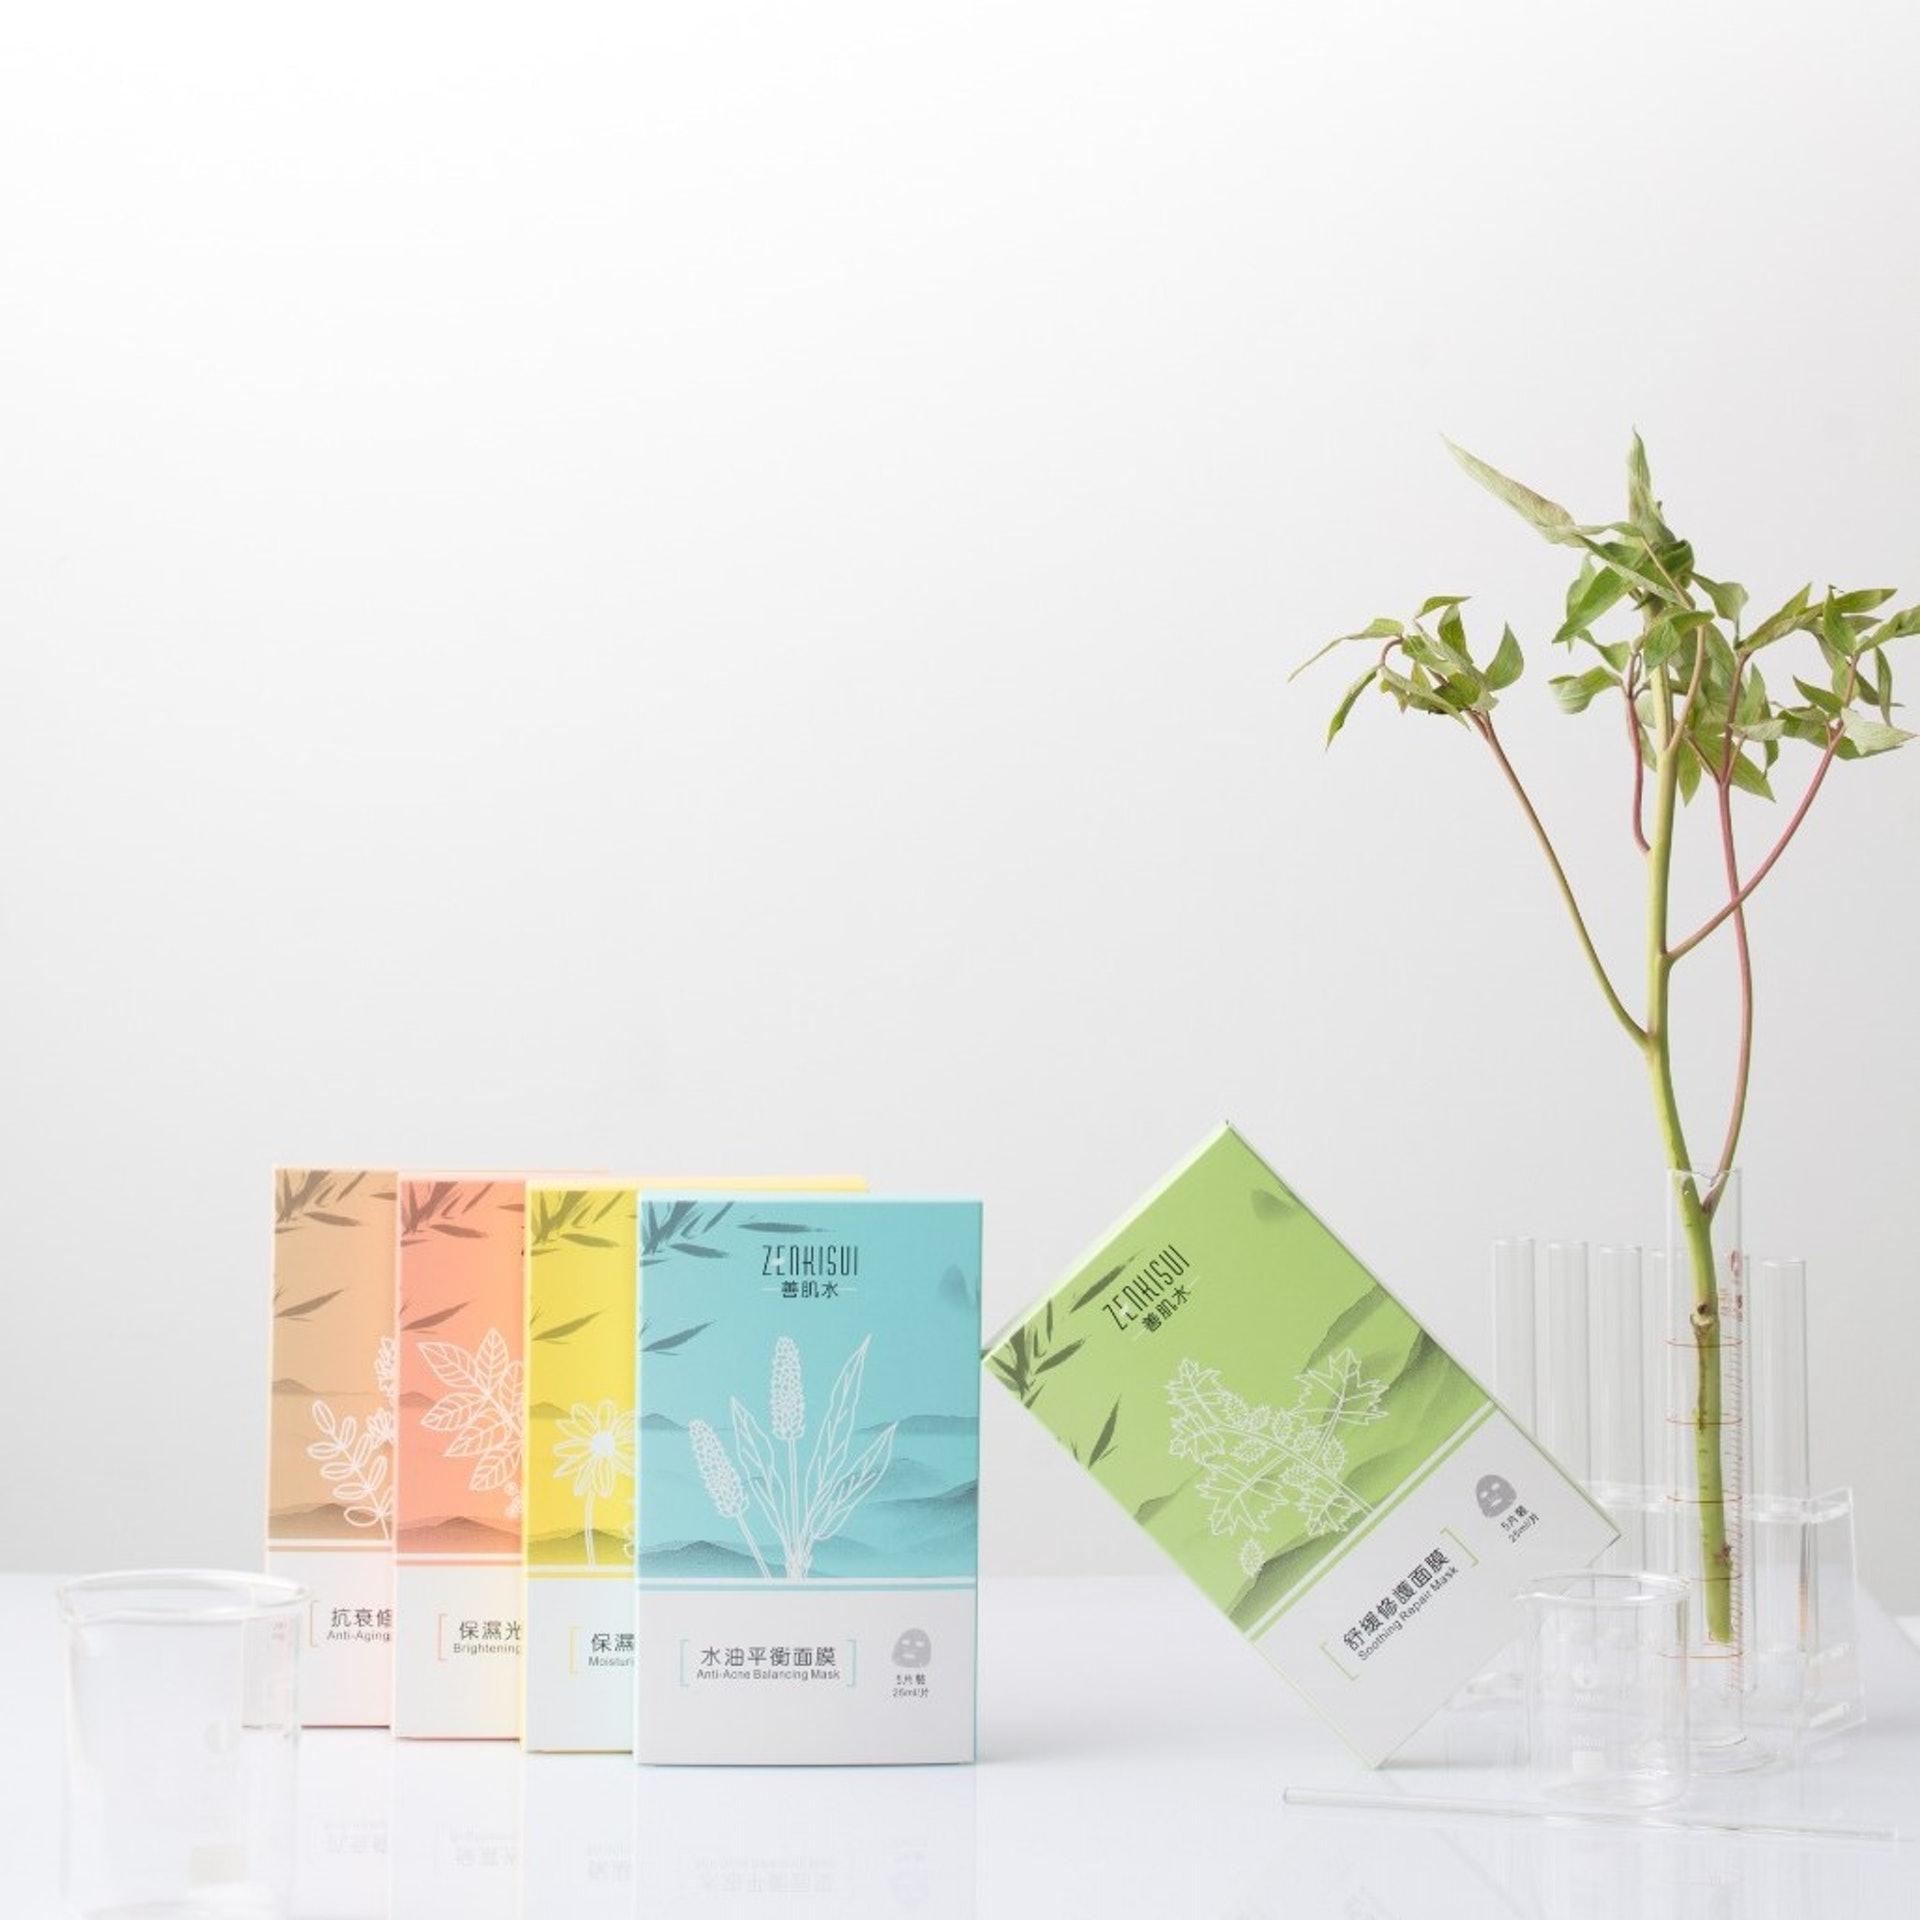 「Zenkisui 善肌水」中藥草本面膜,一盒5片,原價 $138。由香港研發及製造,過程萃取中藥精華,以專利技術將成份發揮高達10倍效能。